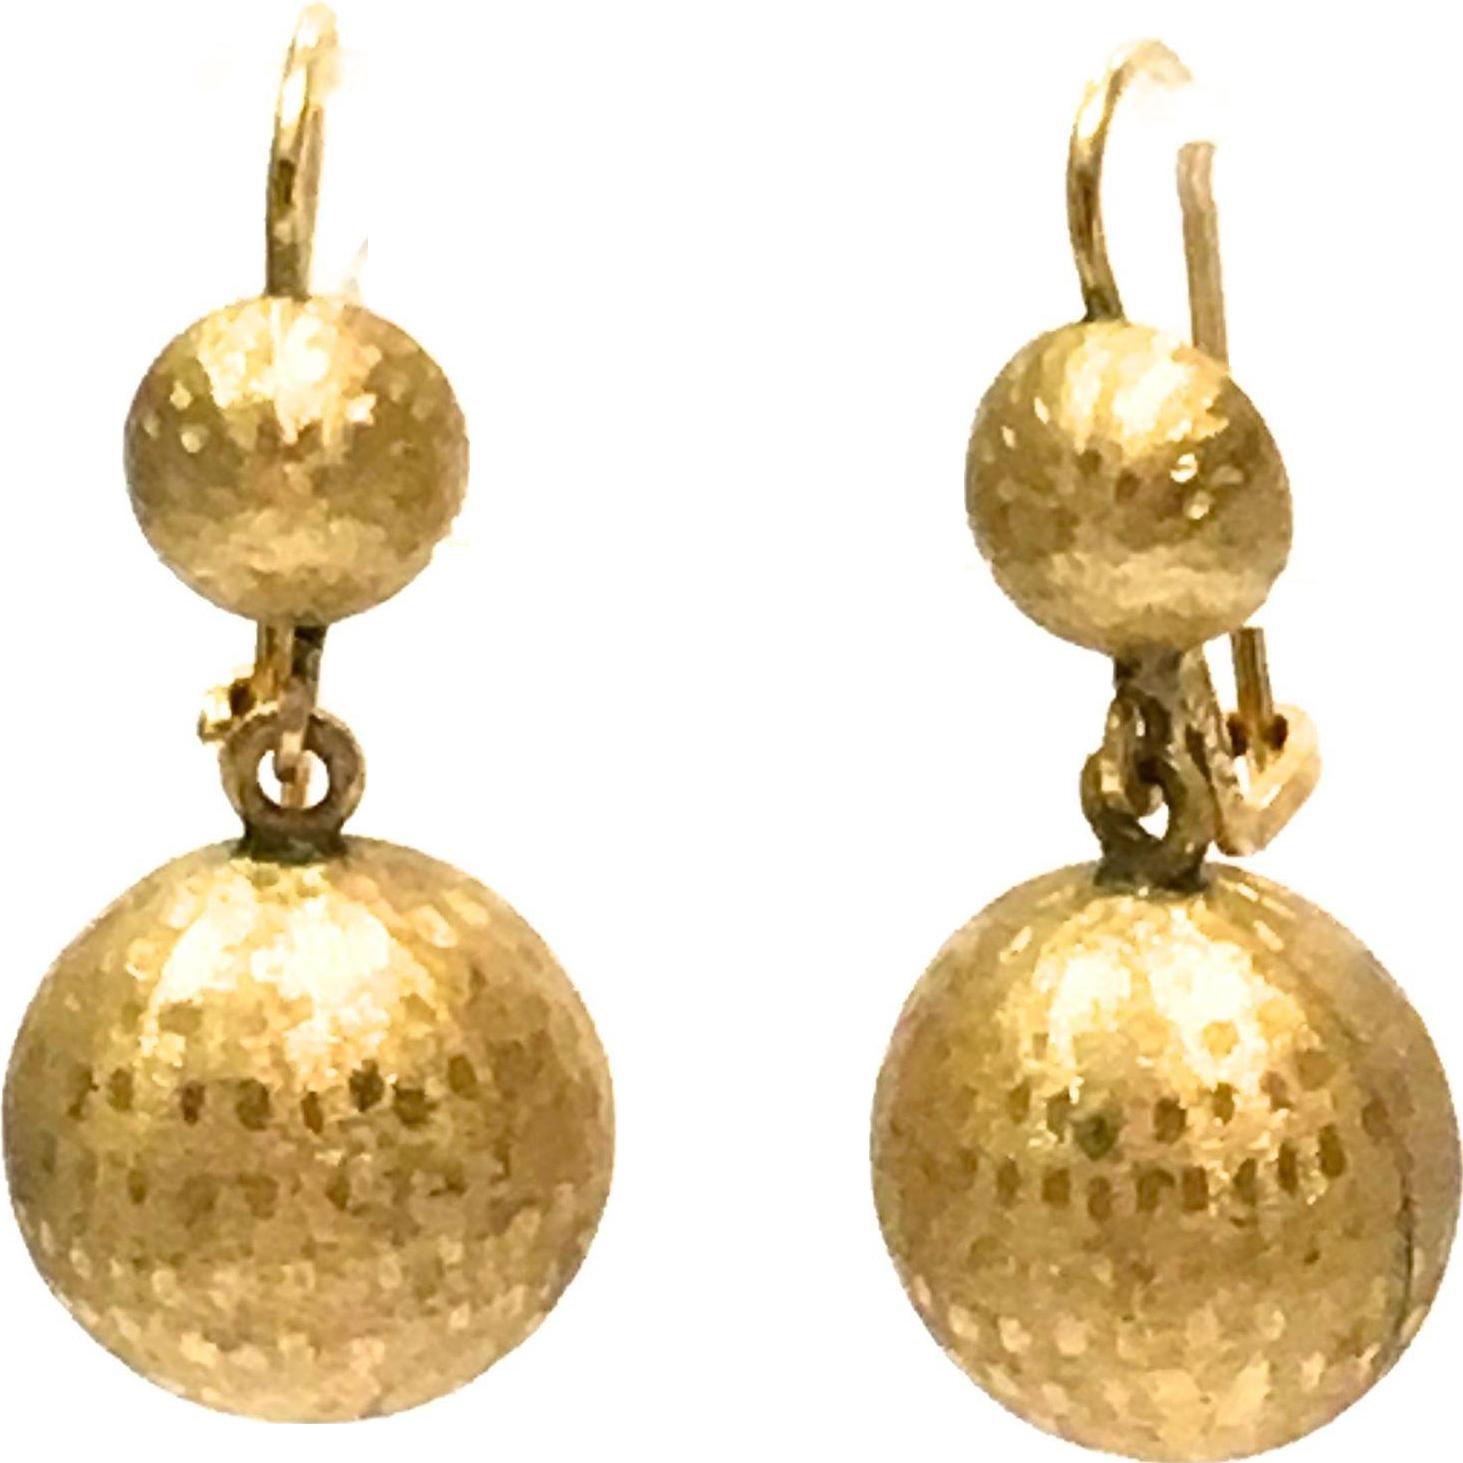 Vintage 1960s solid 14 K yellow gold dangling pierced earrings